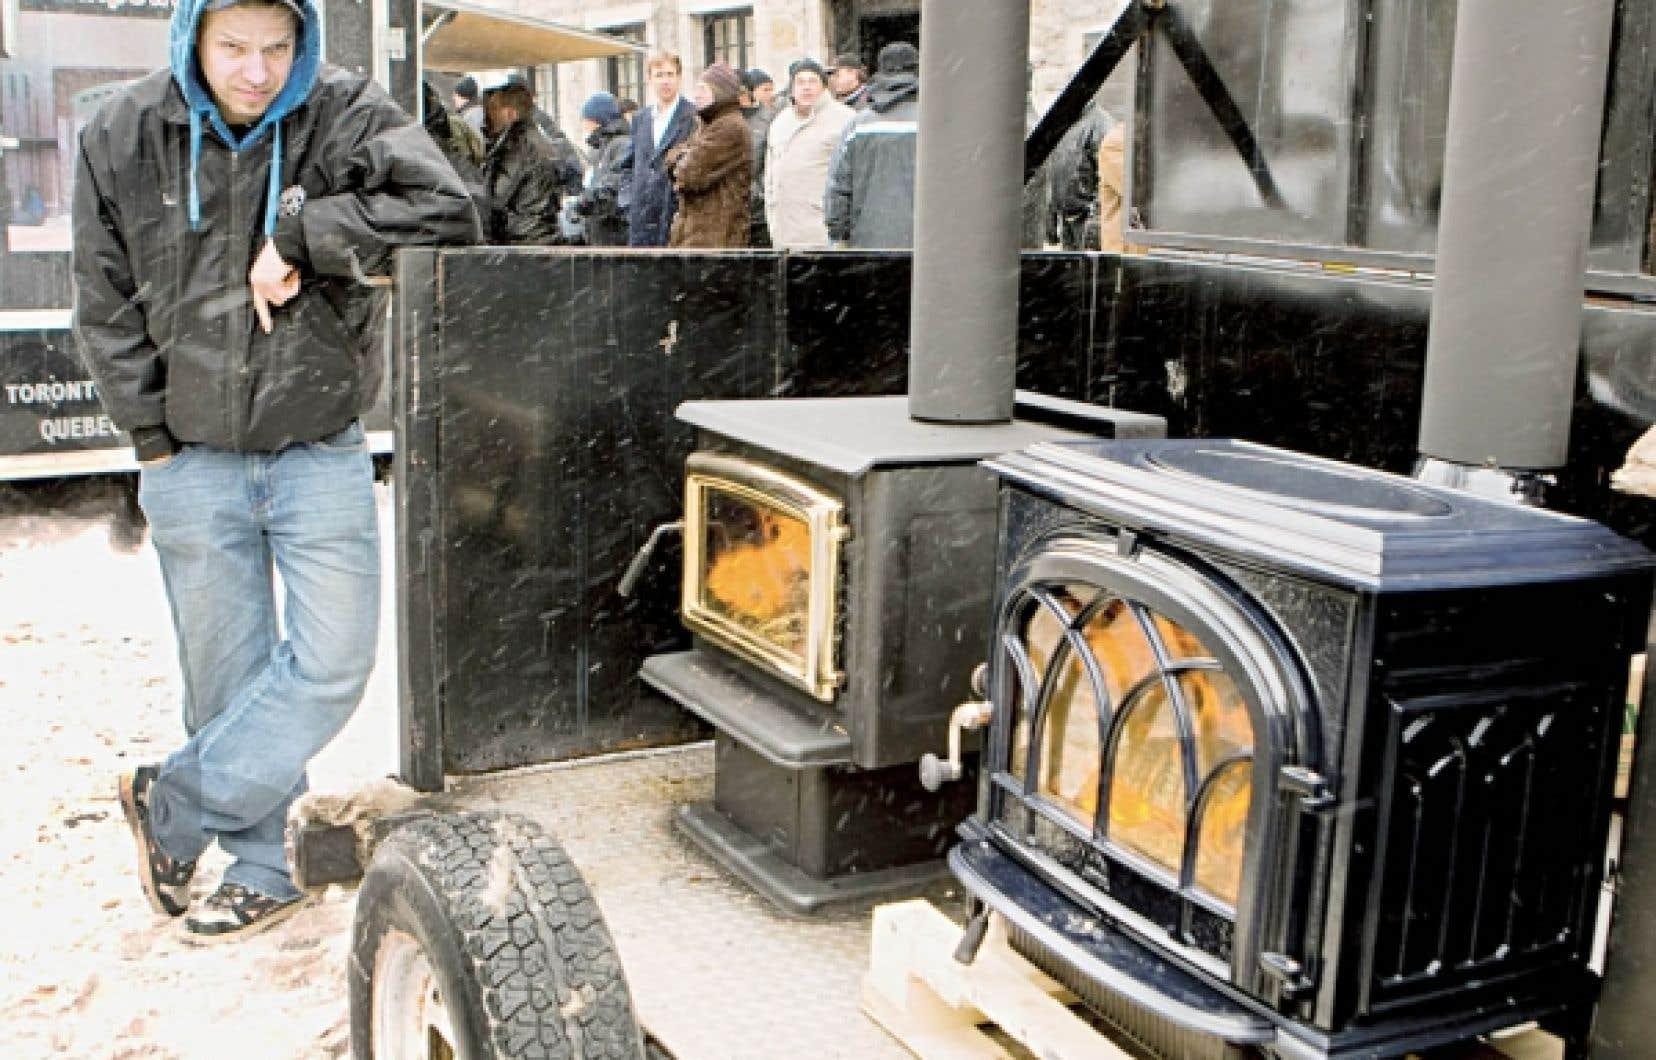 Des professionnels du chauffage au bois ont manifesté l'hiver dernier à Montréal